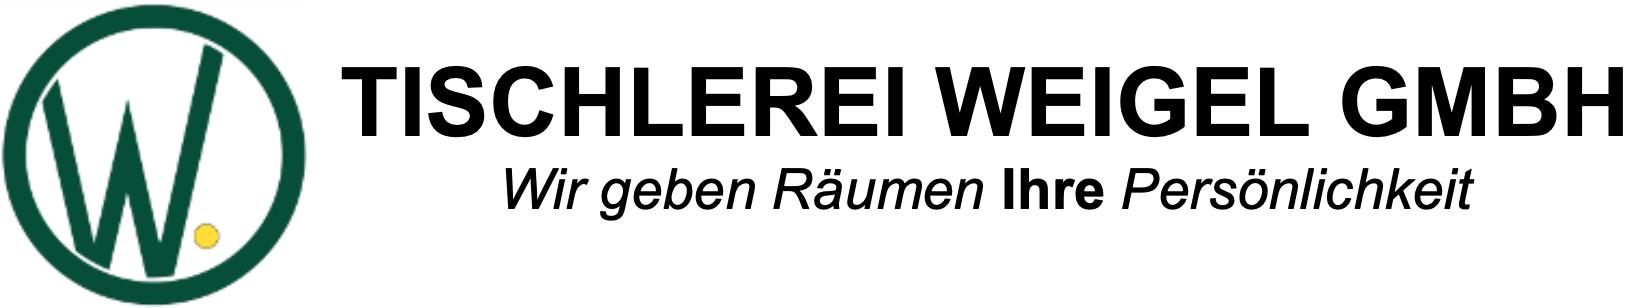 Tischlerei Weigel GmbH